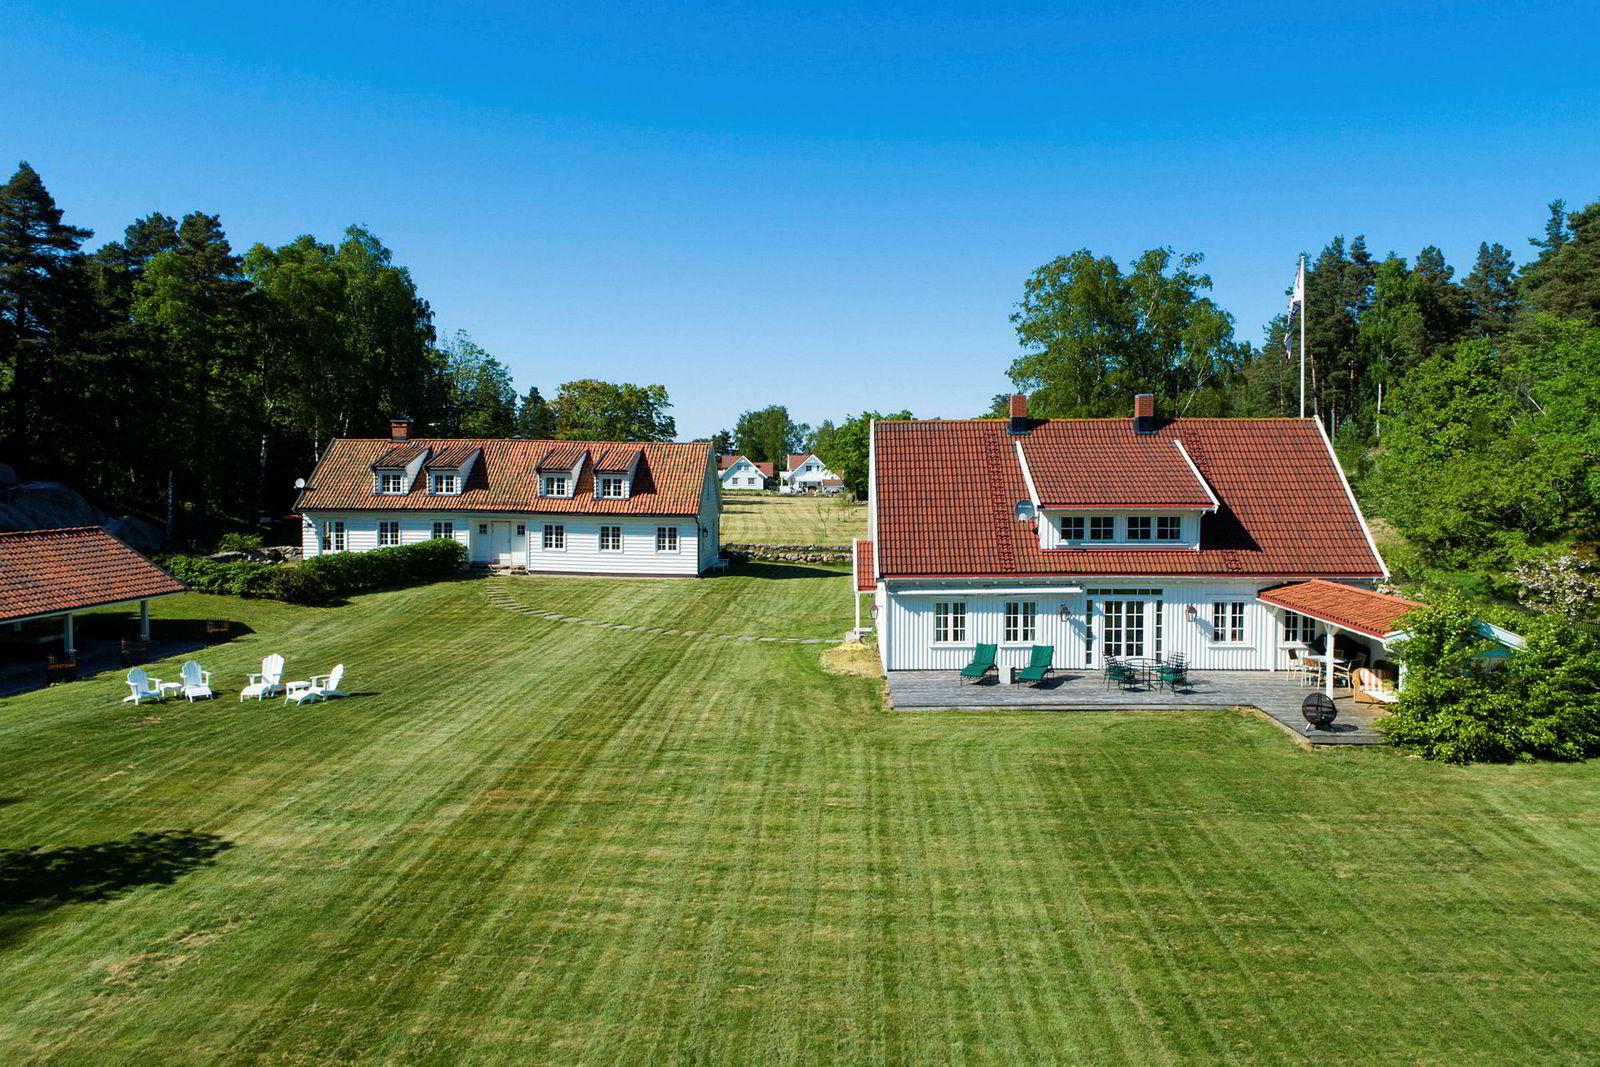 Skipsmegler Even Winjes eiendom på Veierland i Færder kommune ligger ute til 37 millioner kroner.